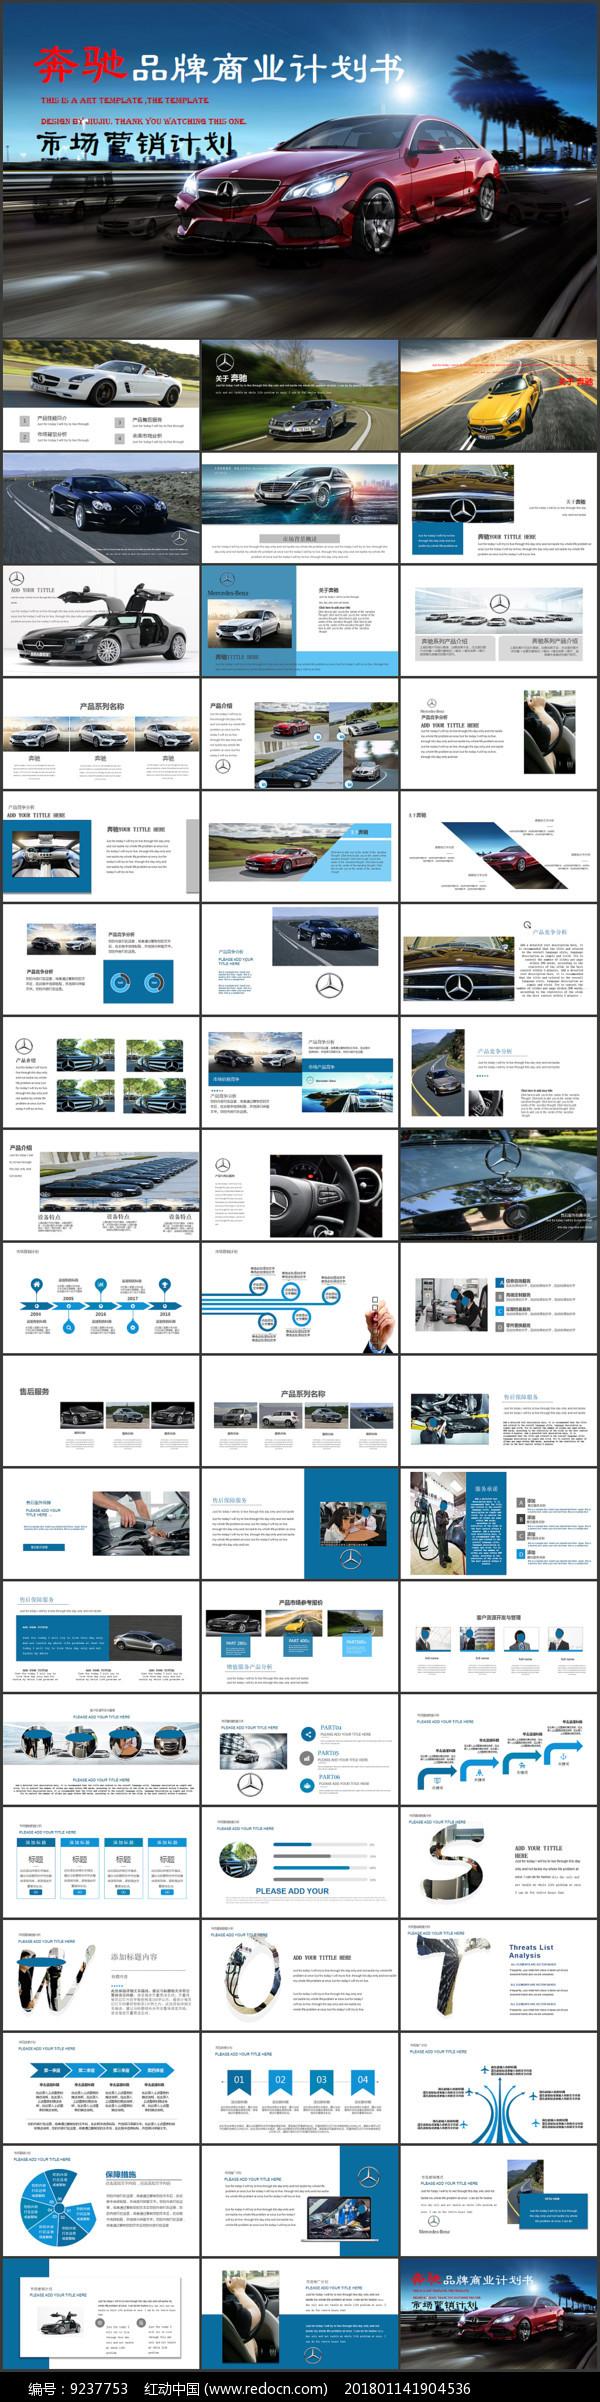 奔驰汽车销售保养维修PPT图片